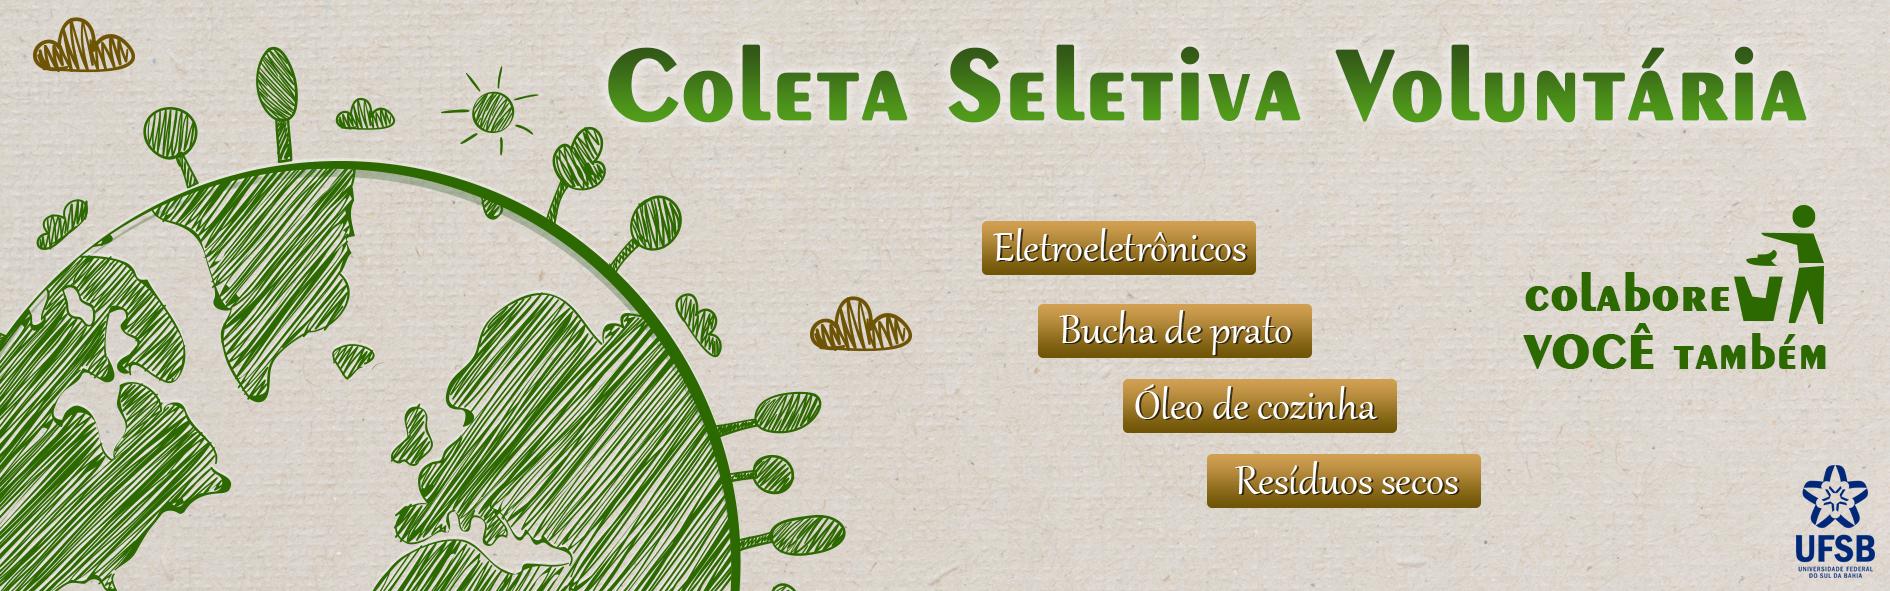 Banner Coleta Voluntária